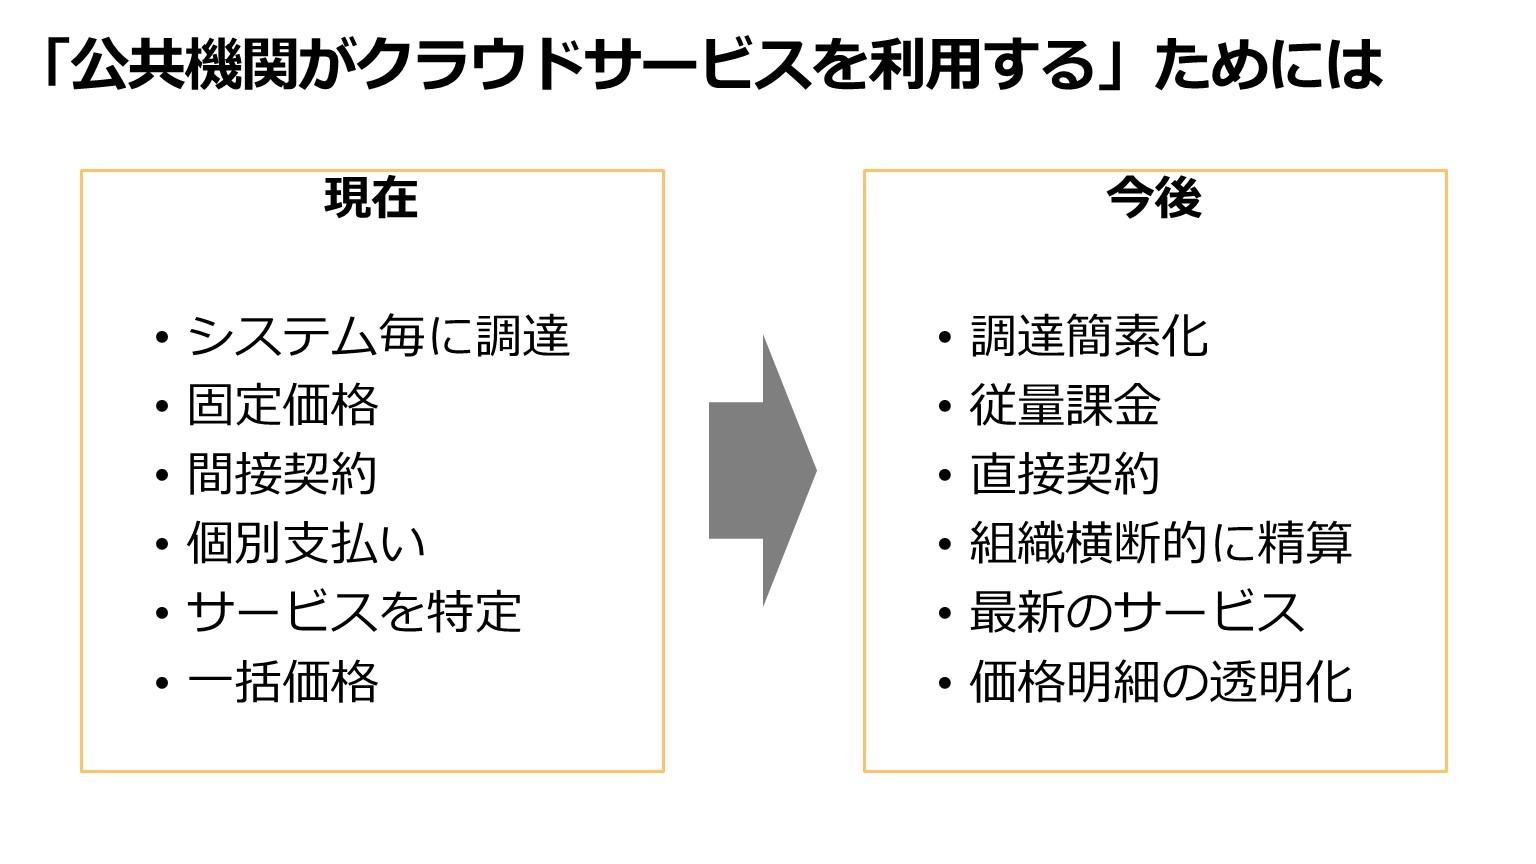 利用 サービス 基本 クラウド 方針 システム に 係る 情報 の における 政府